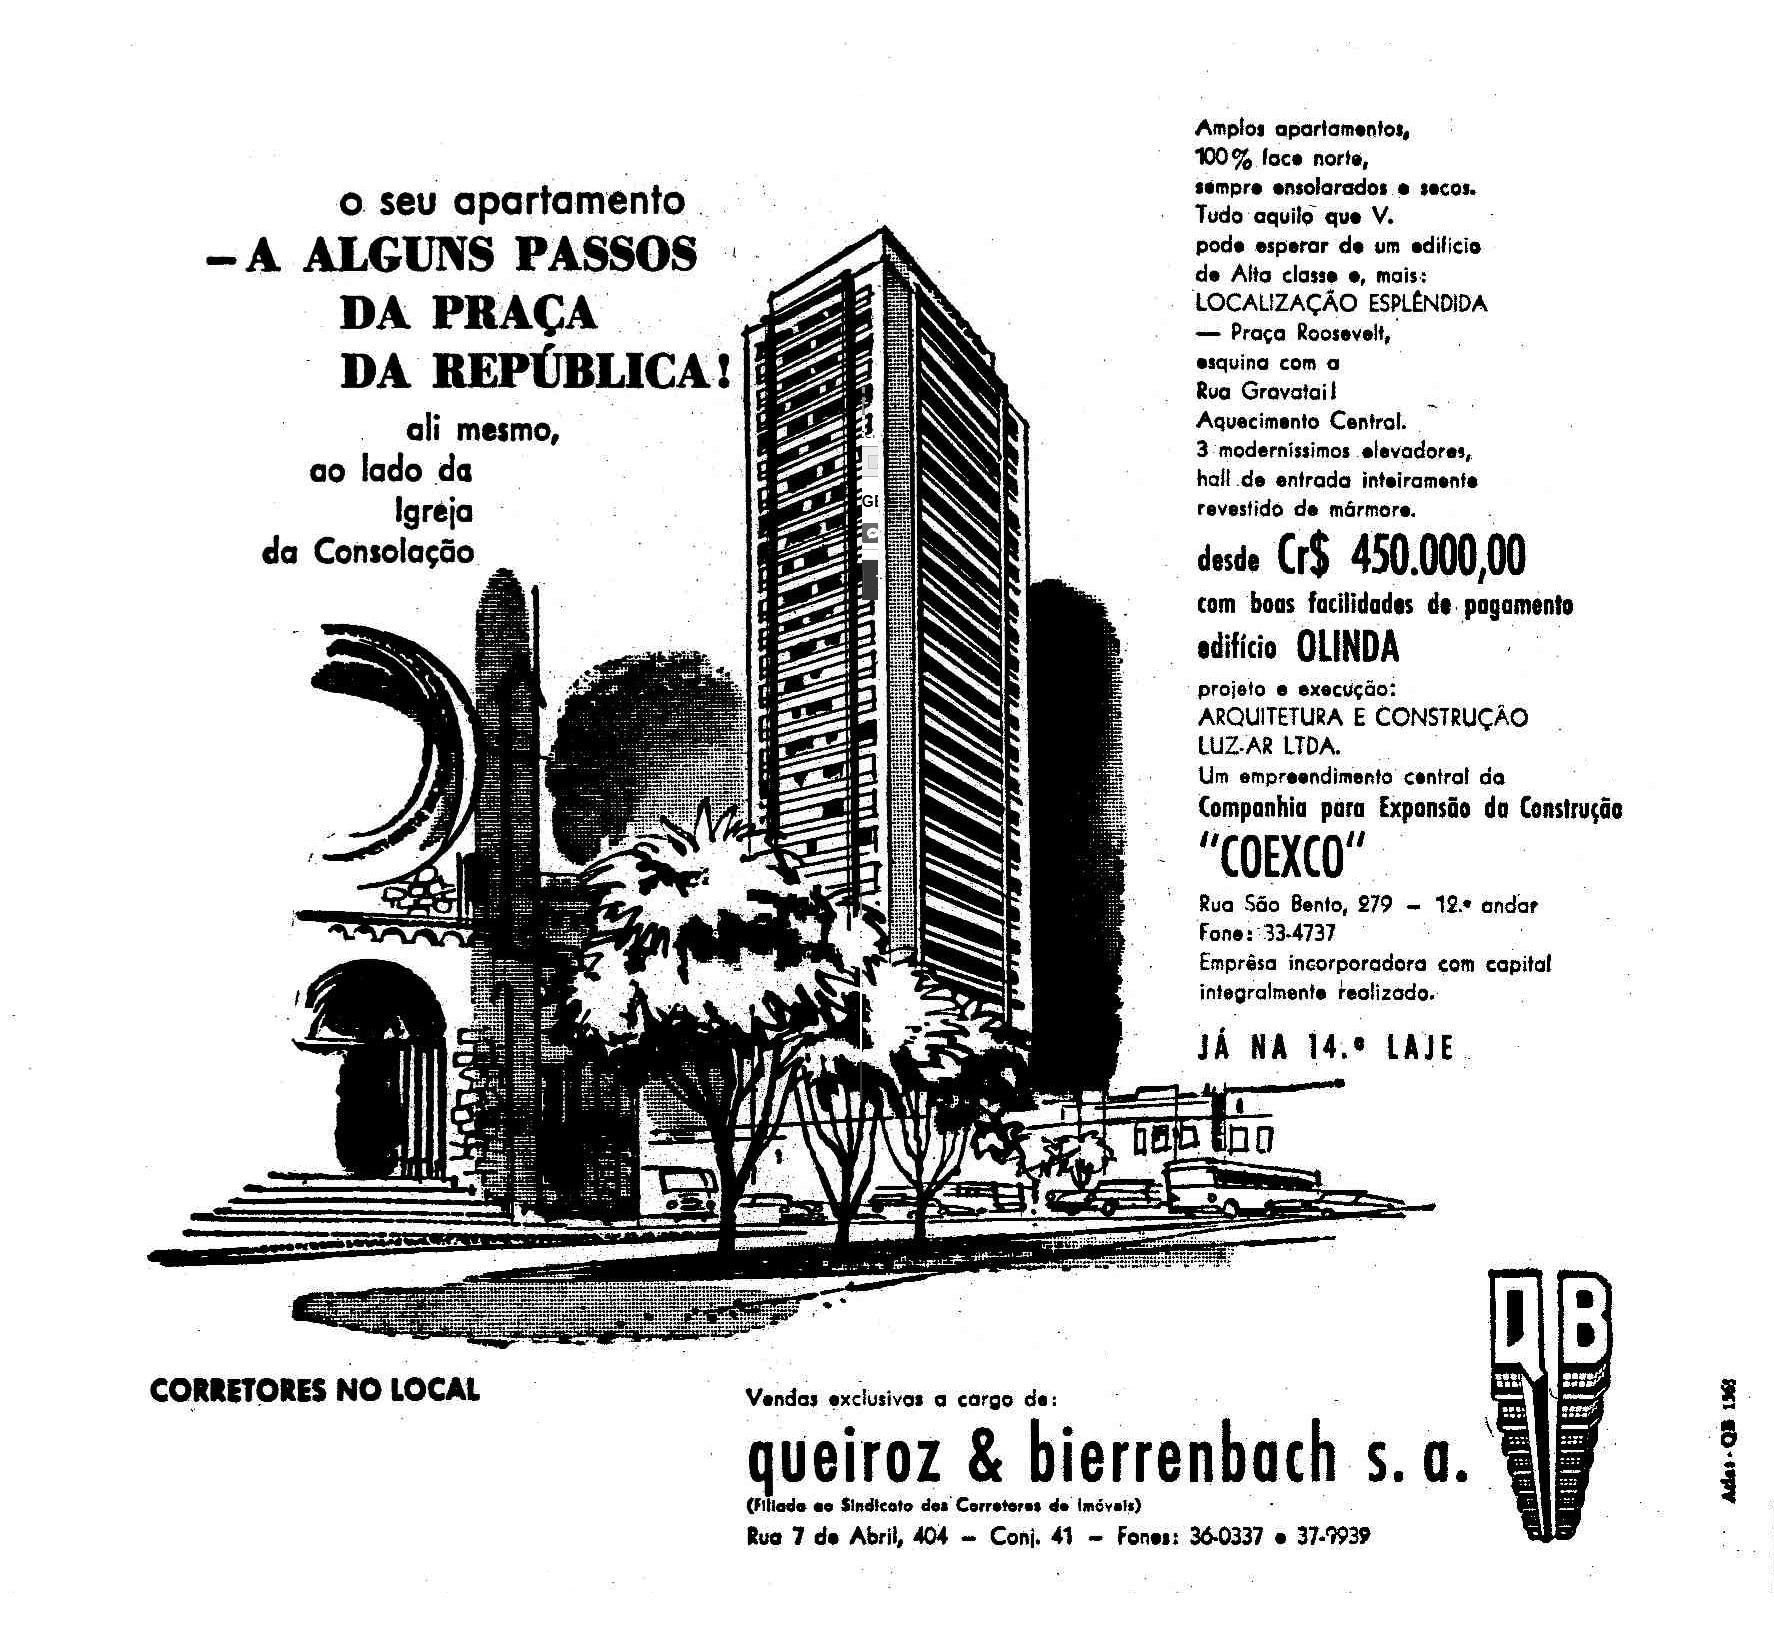 edifício olinda